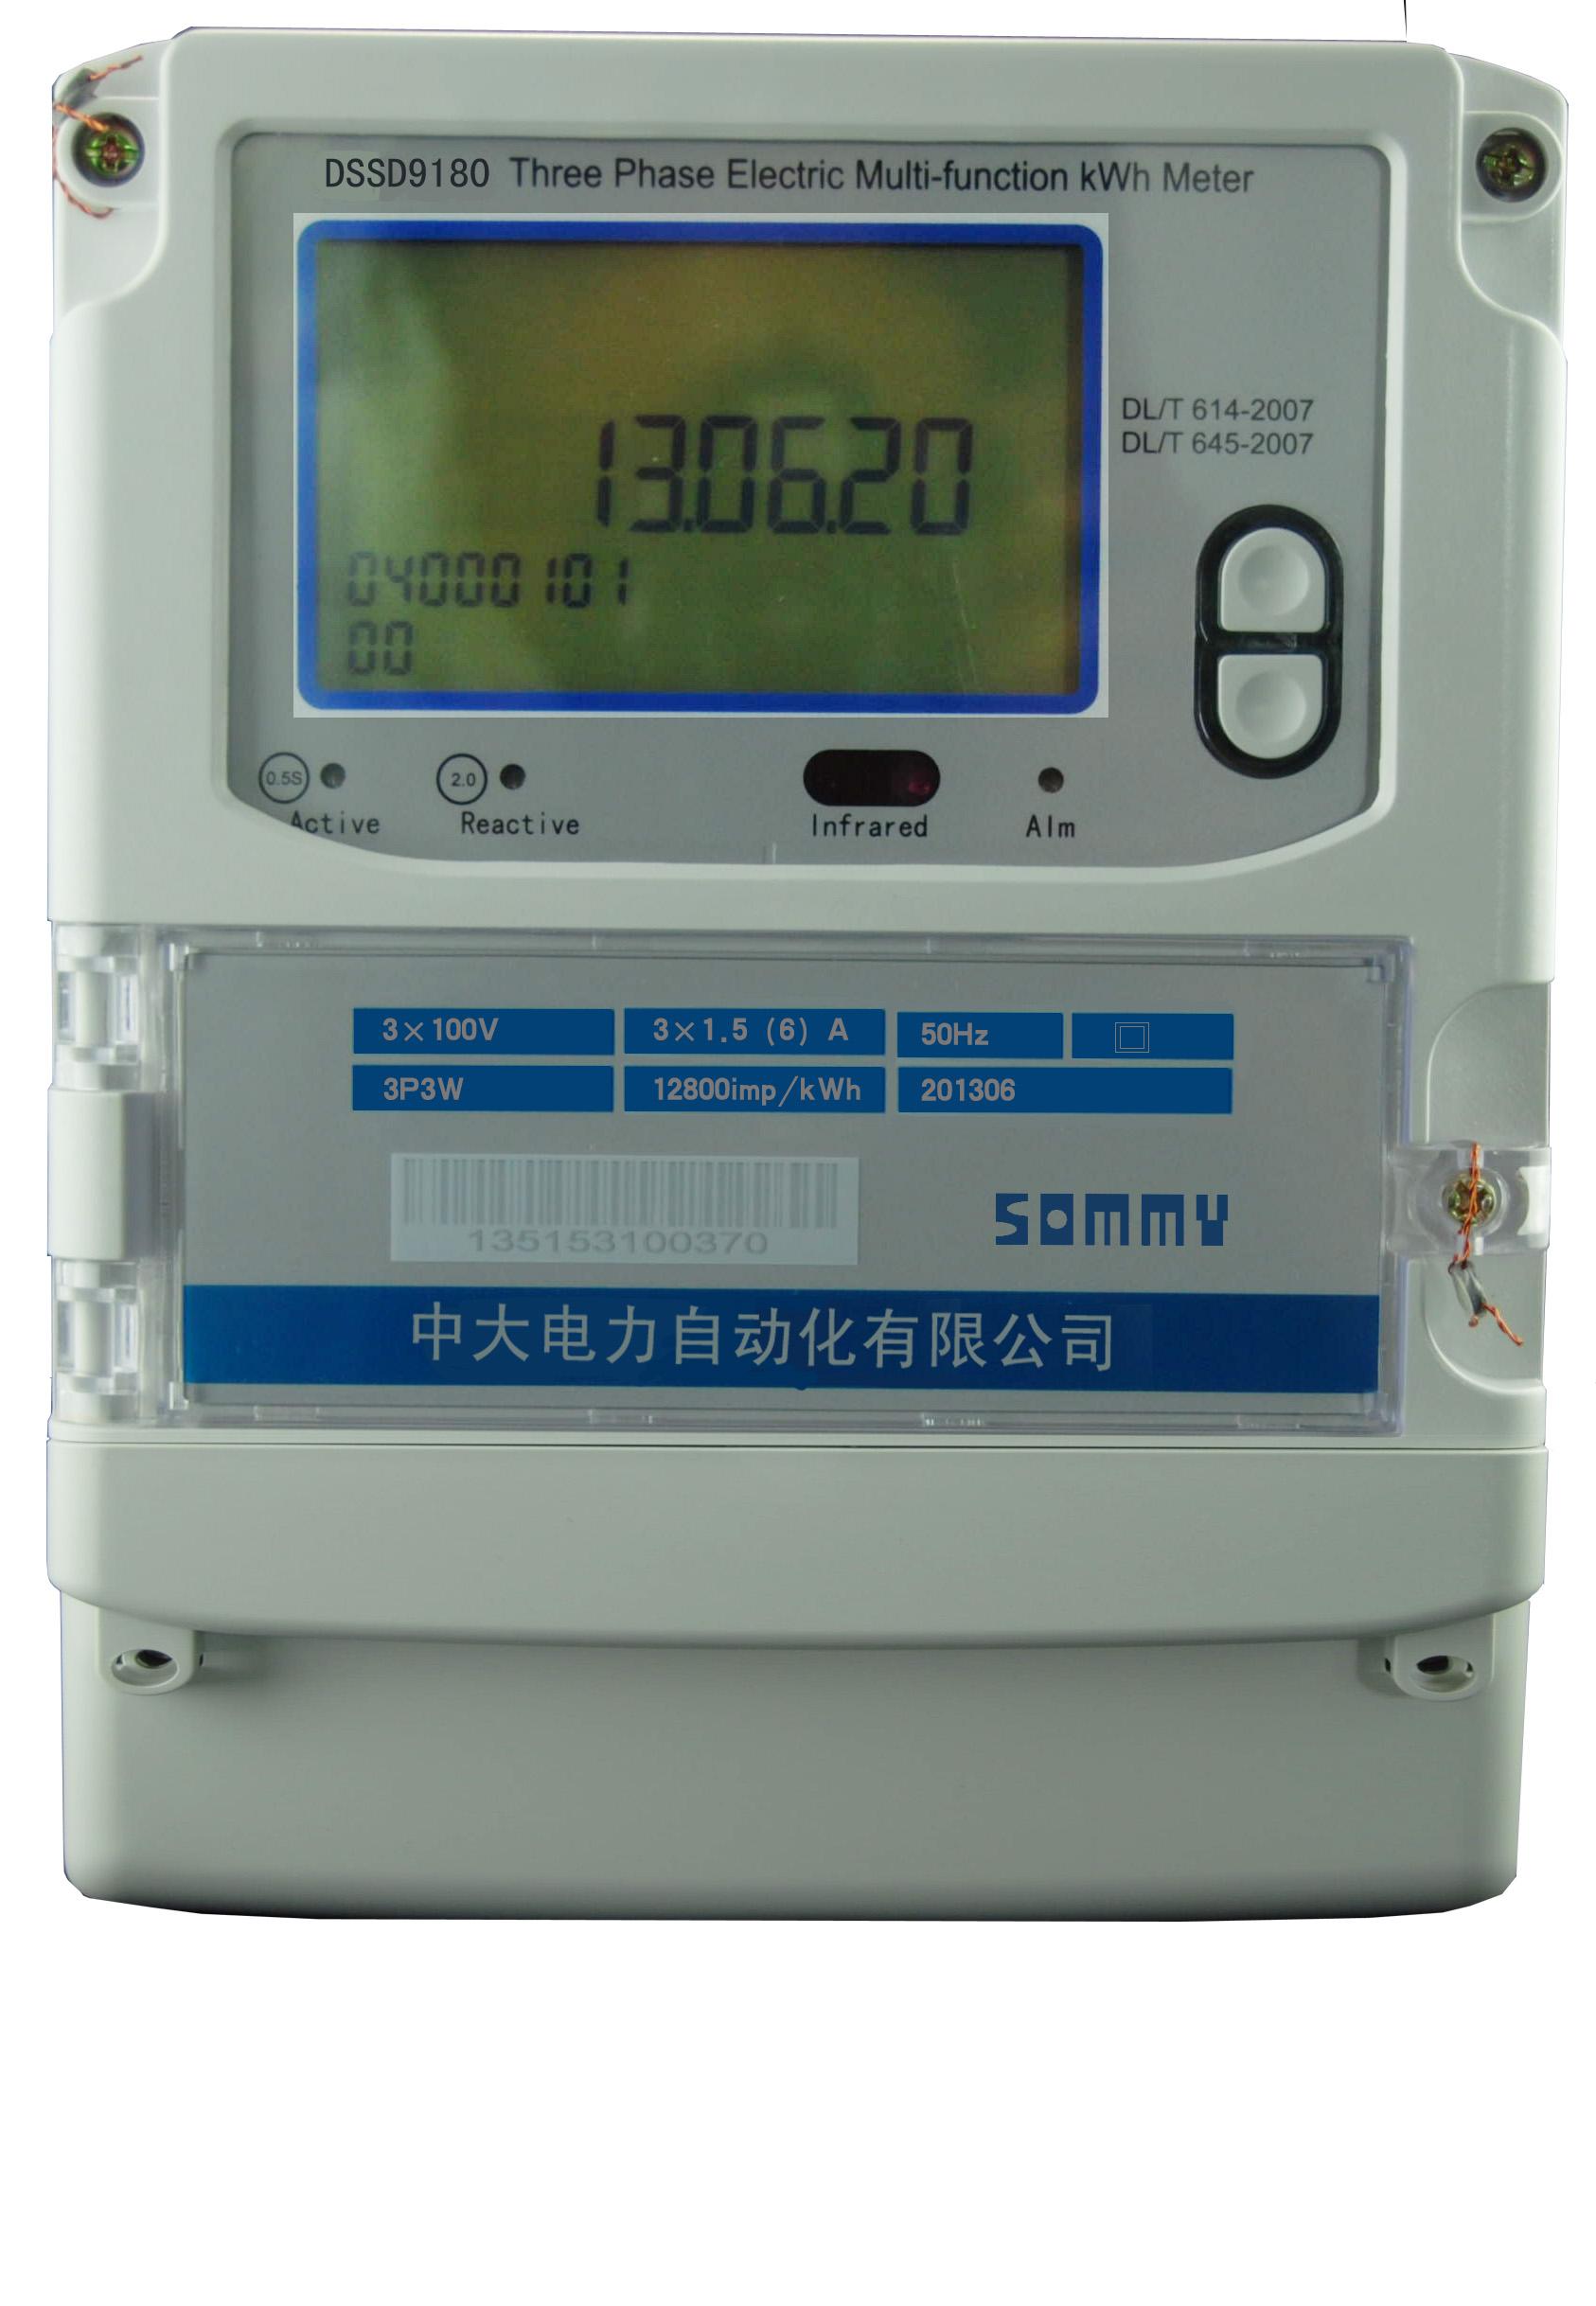 dtz9180三相电子式多功能电能表-多功能电力仪表